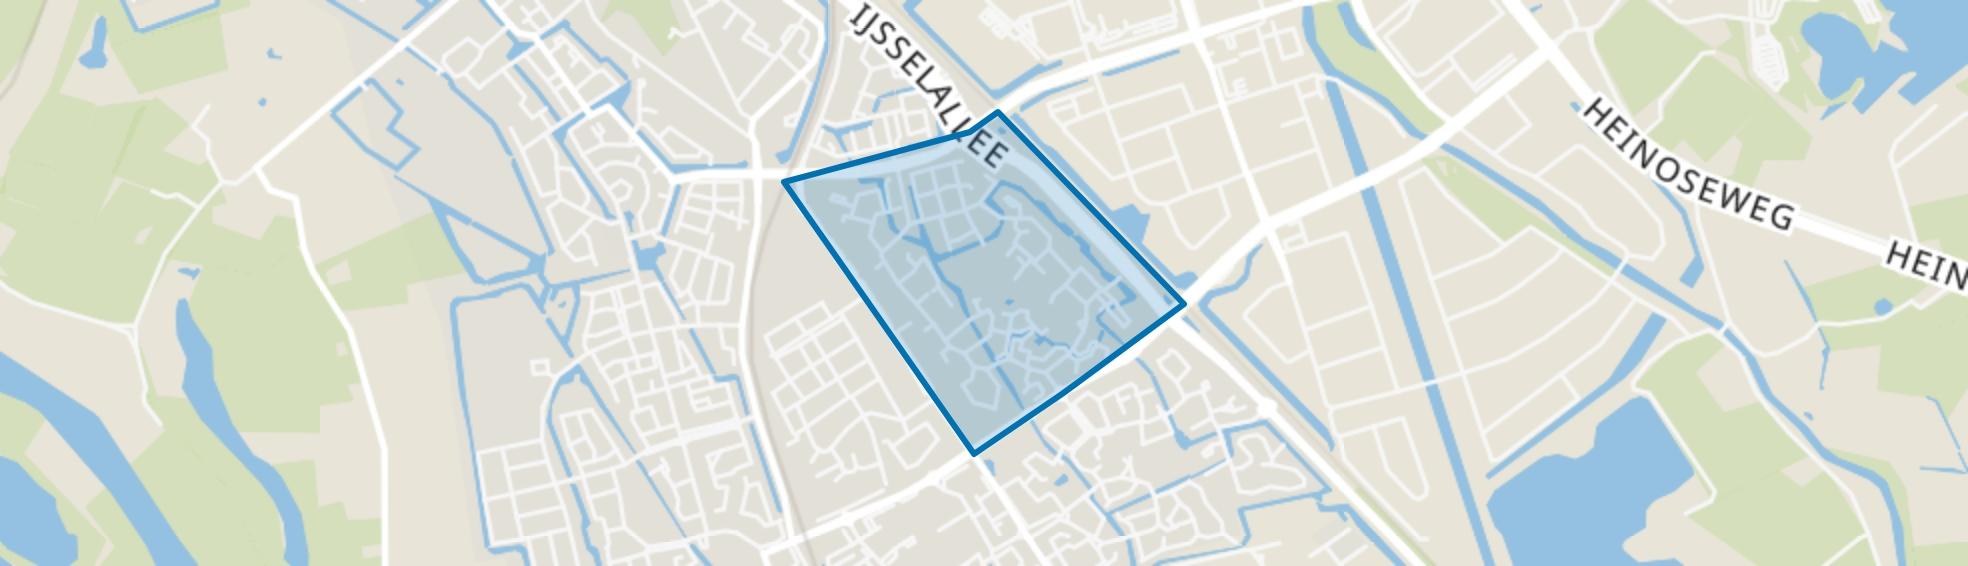 Gerenlanden, Zwolle map